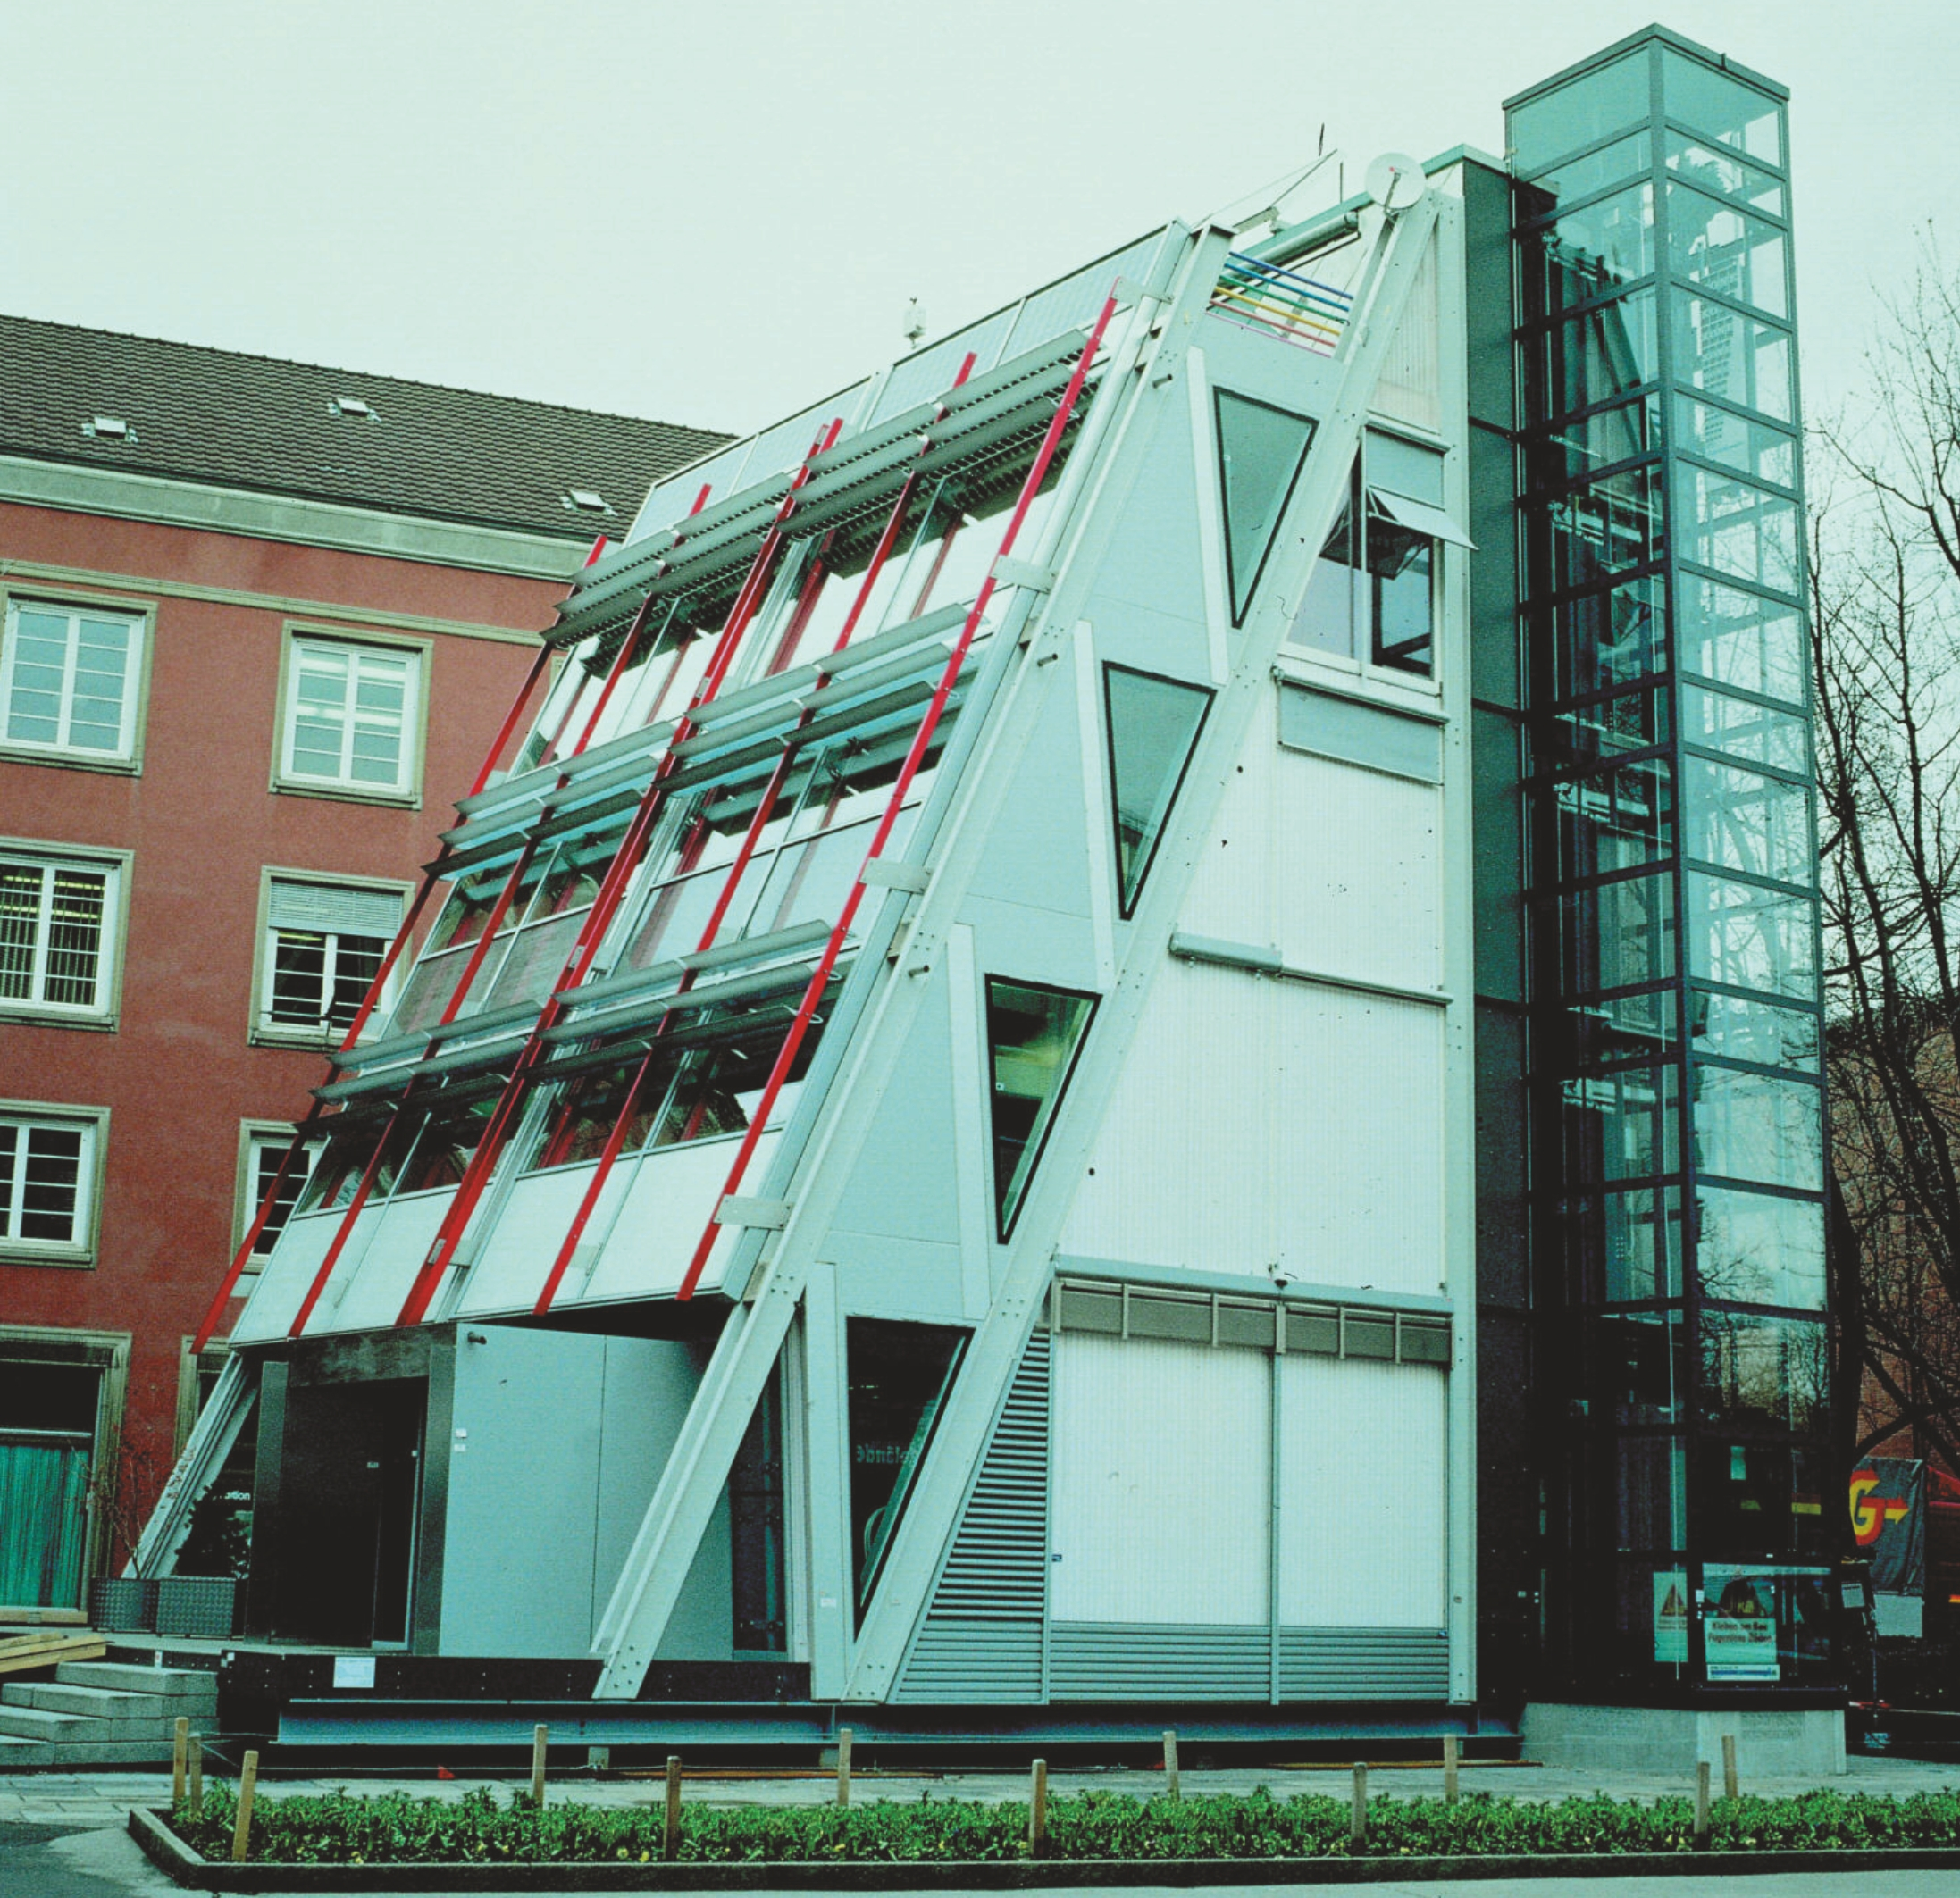 Eyecatcher-bygningen med bærende konstruktion i glas-fiberforstærket plast.